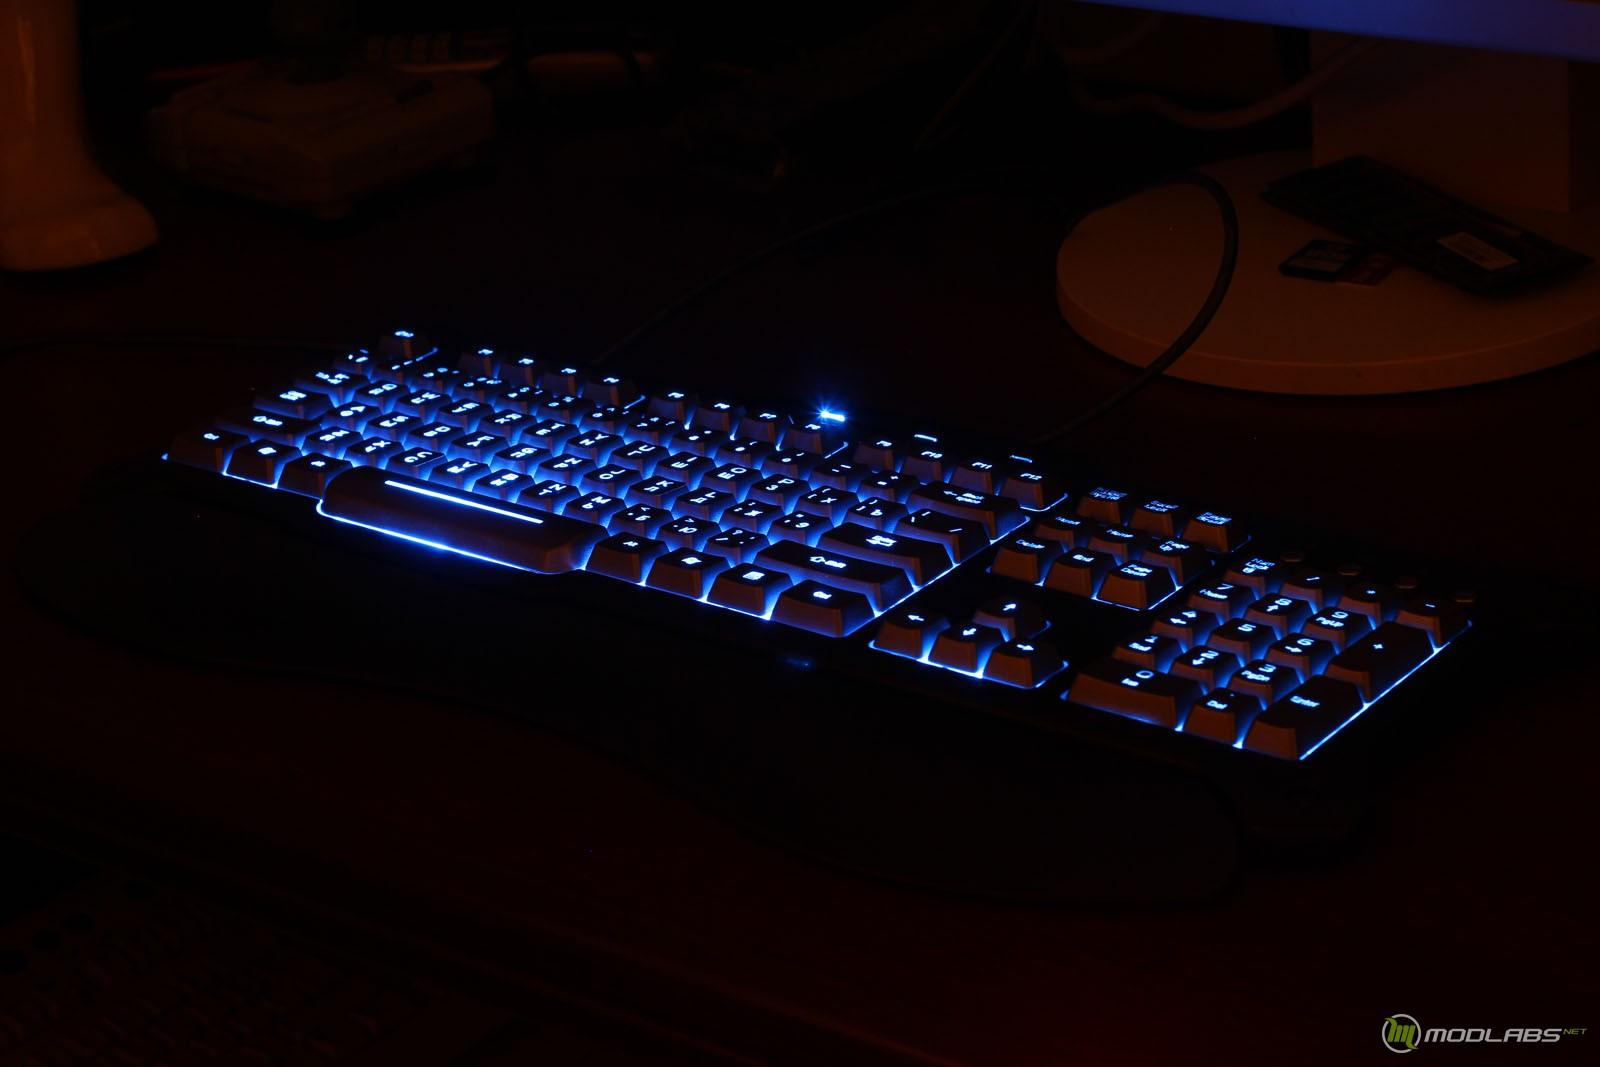 Как сделать подсветка клавиатуры фото 498